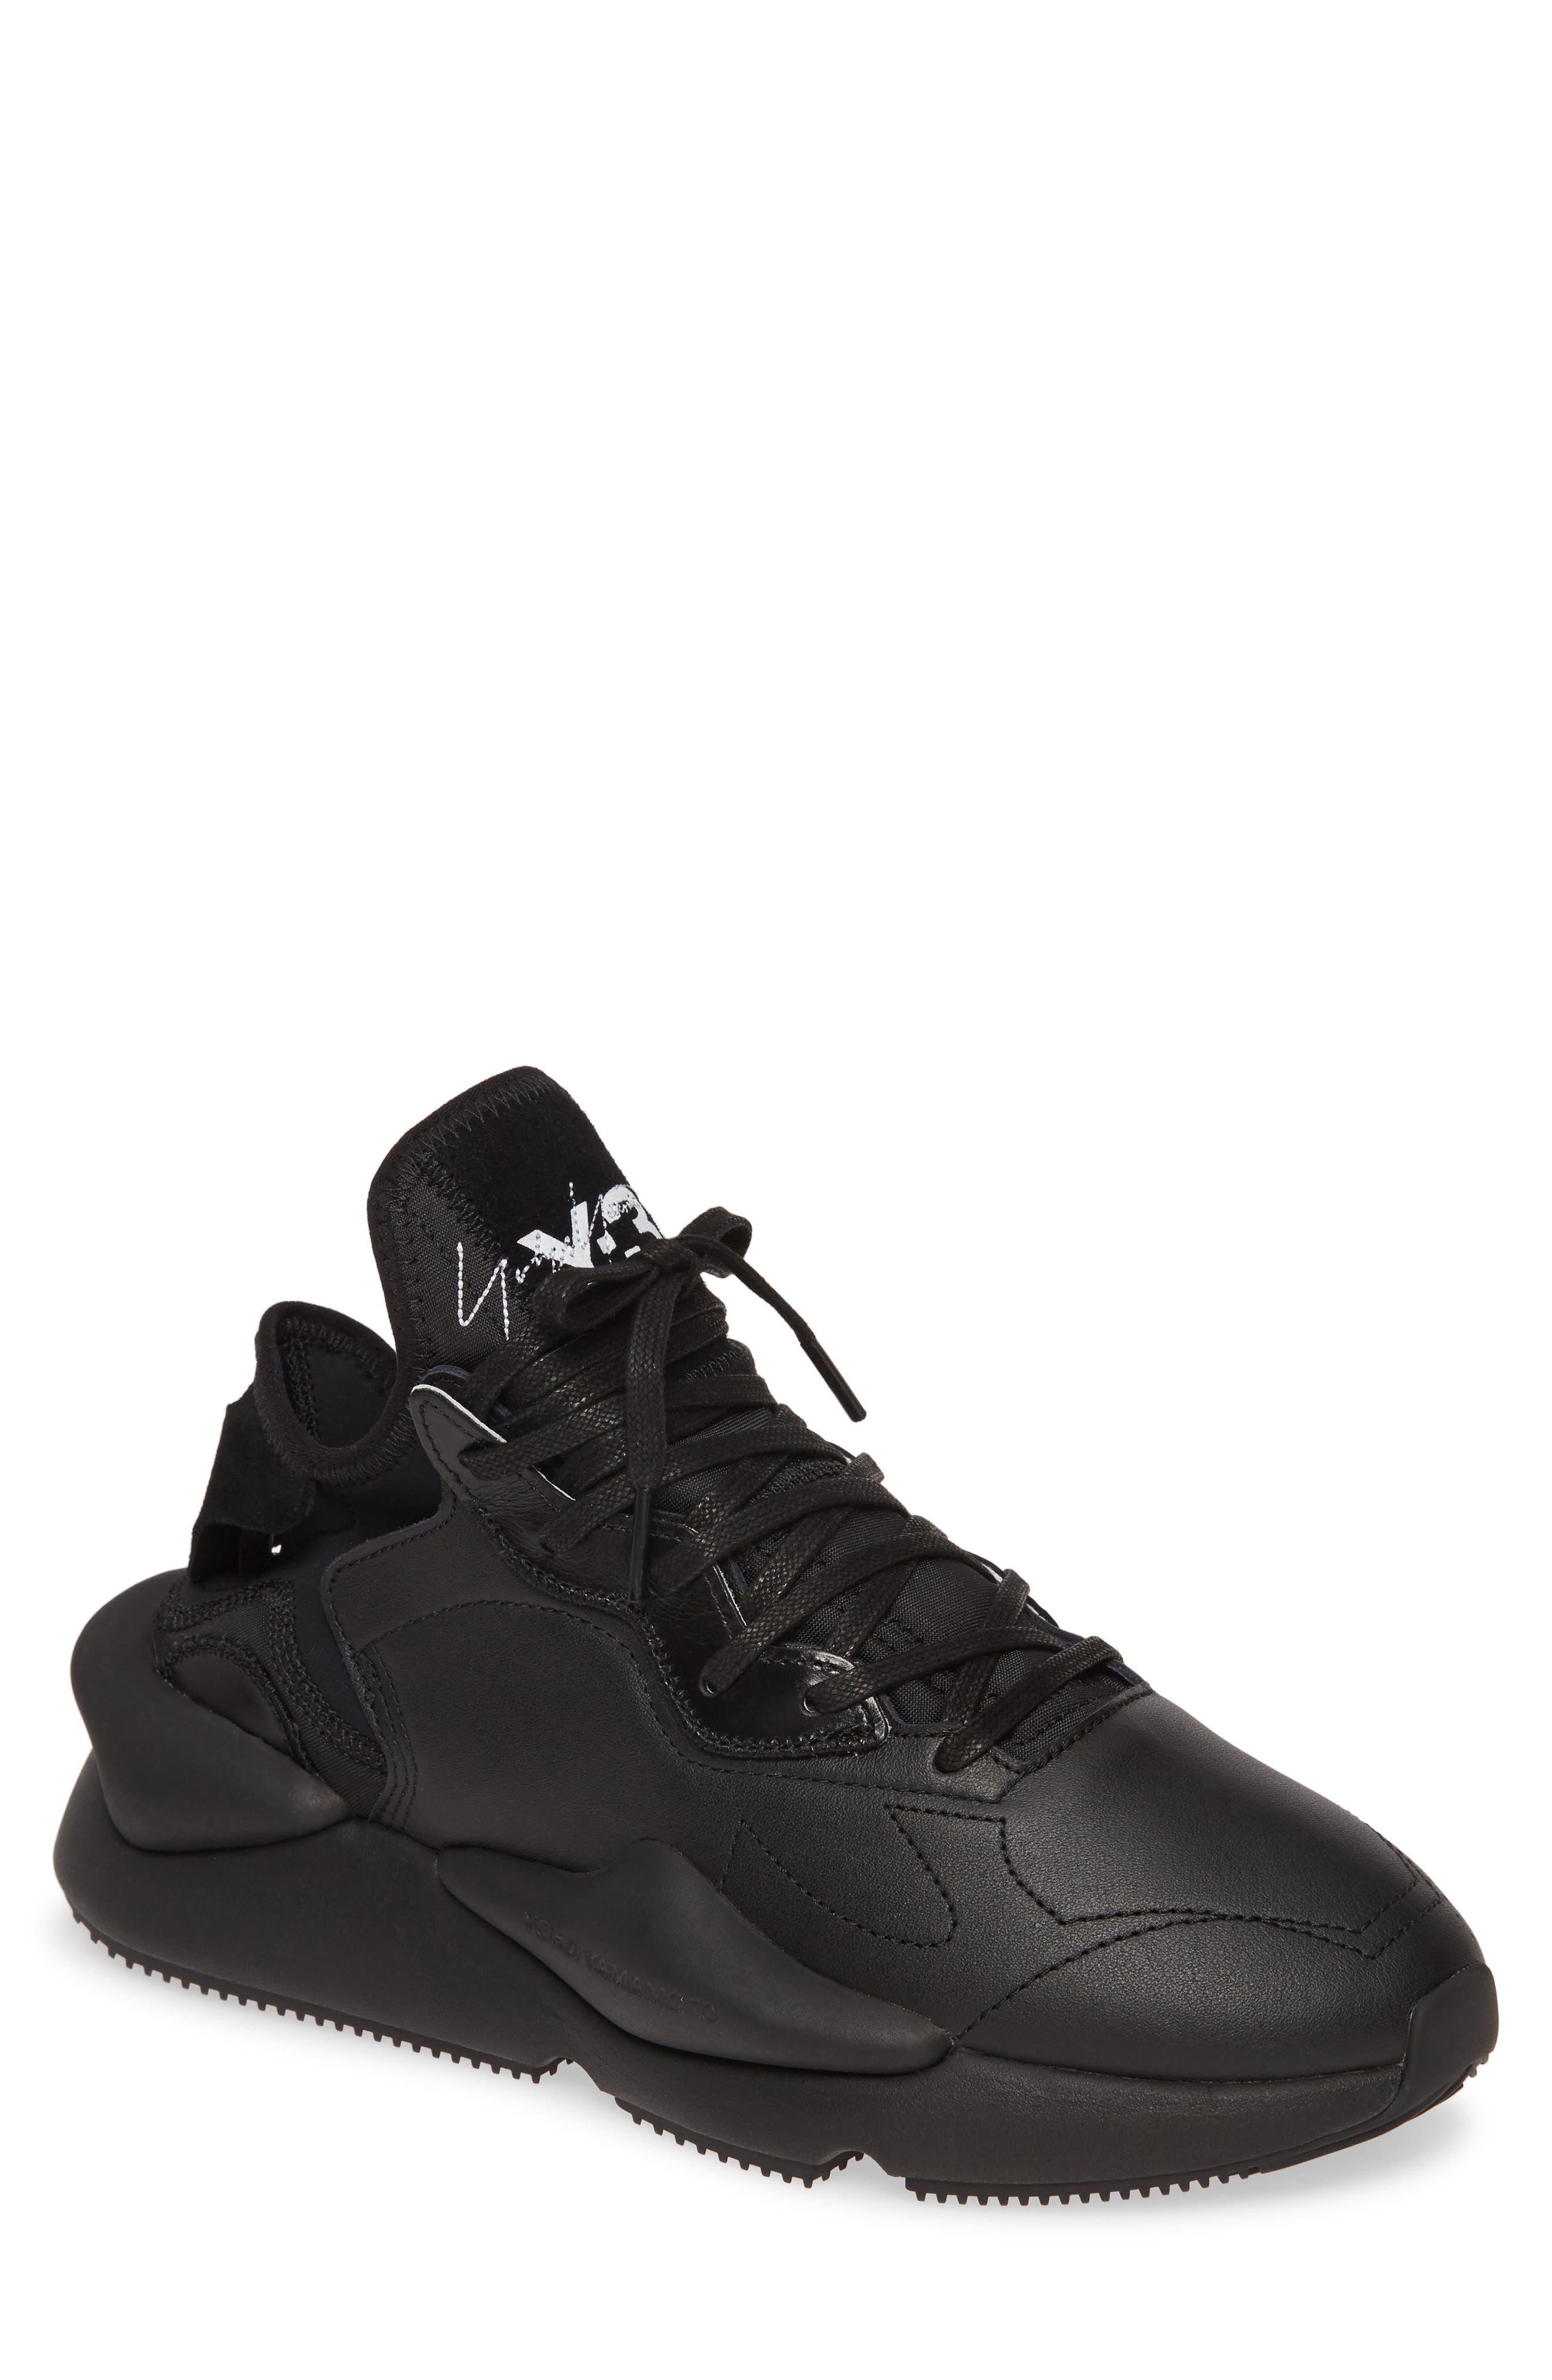 Y-3 Kaiwa Sneaker (Men) | Nordstrom